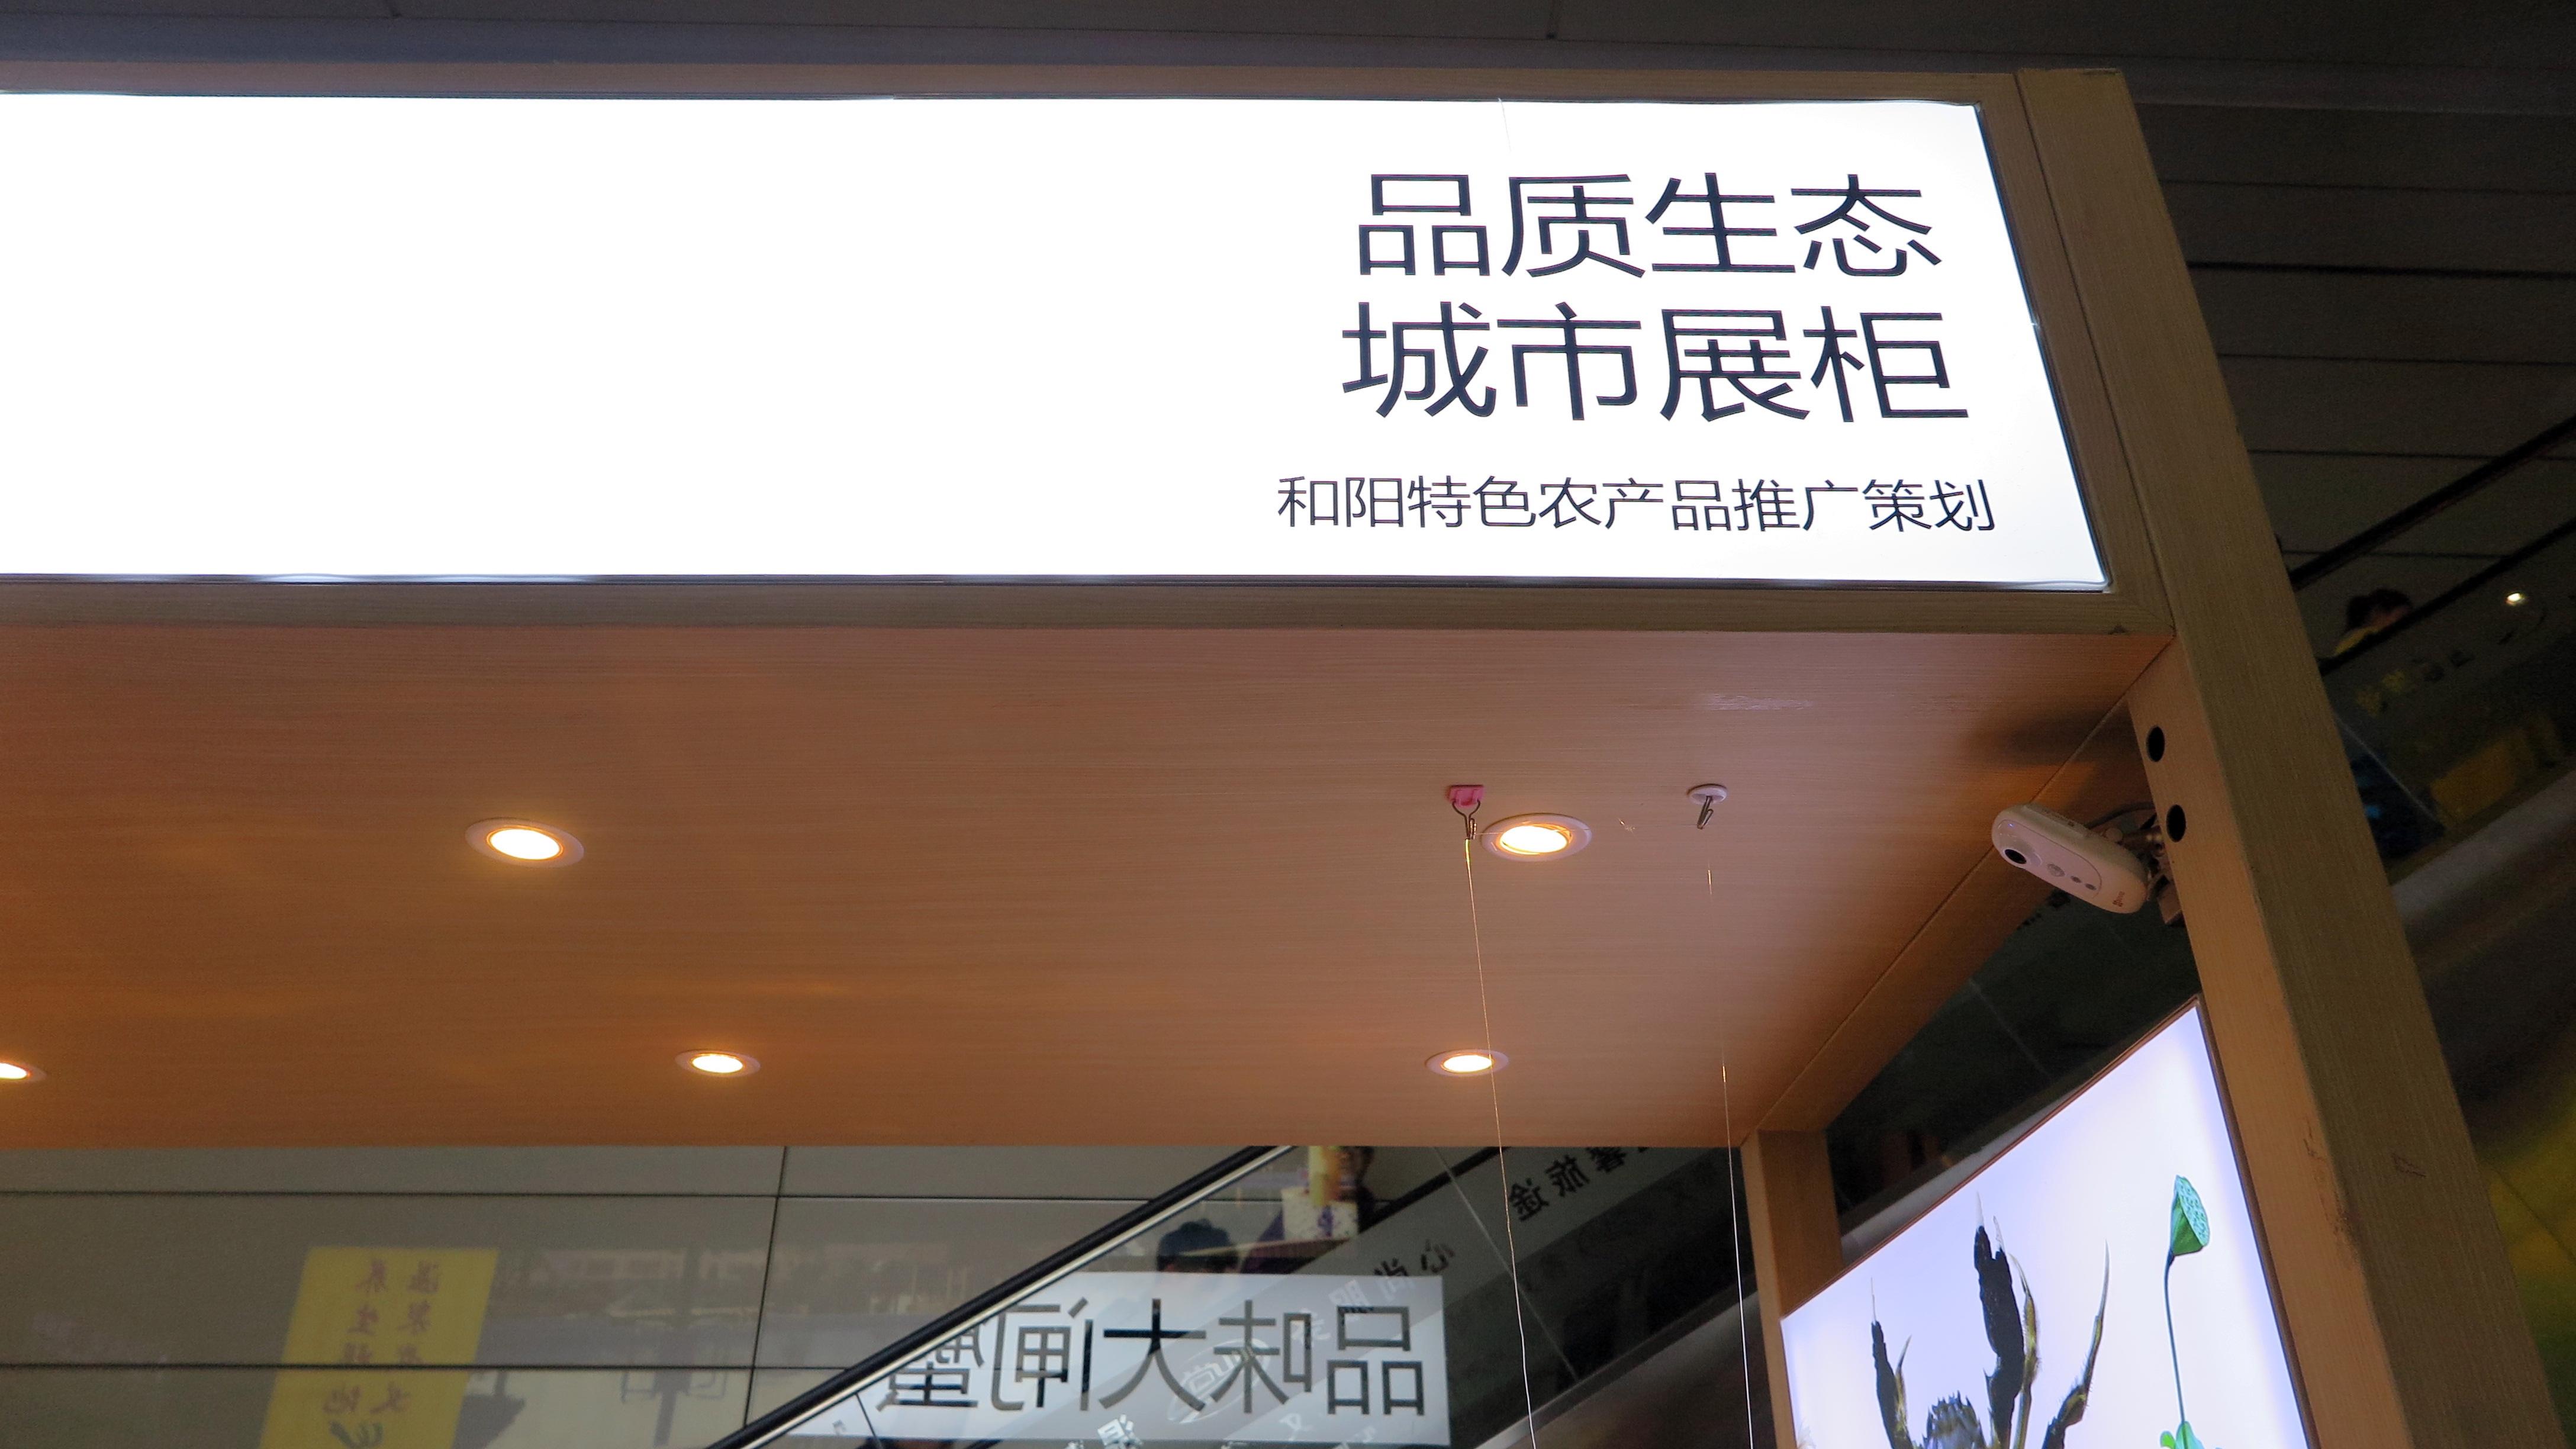 上海虹桥火车站 阳澄湖大闸蟹专卖摊